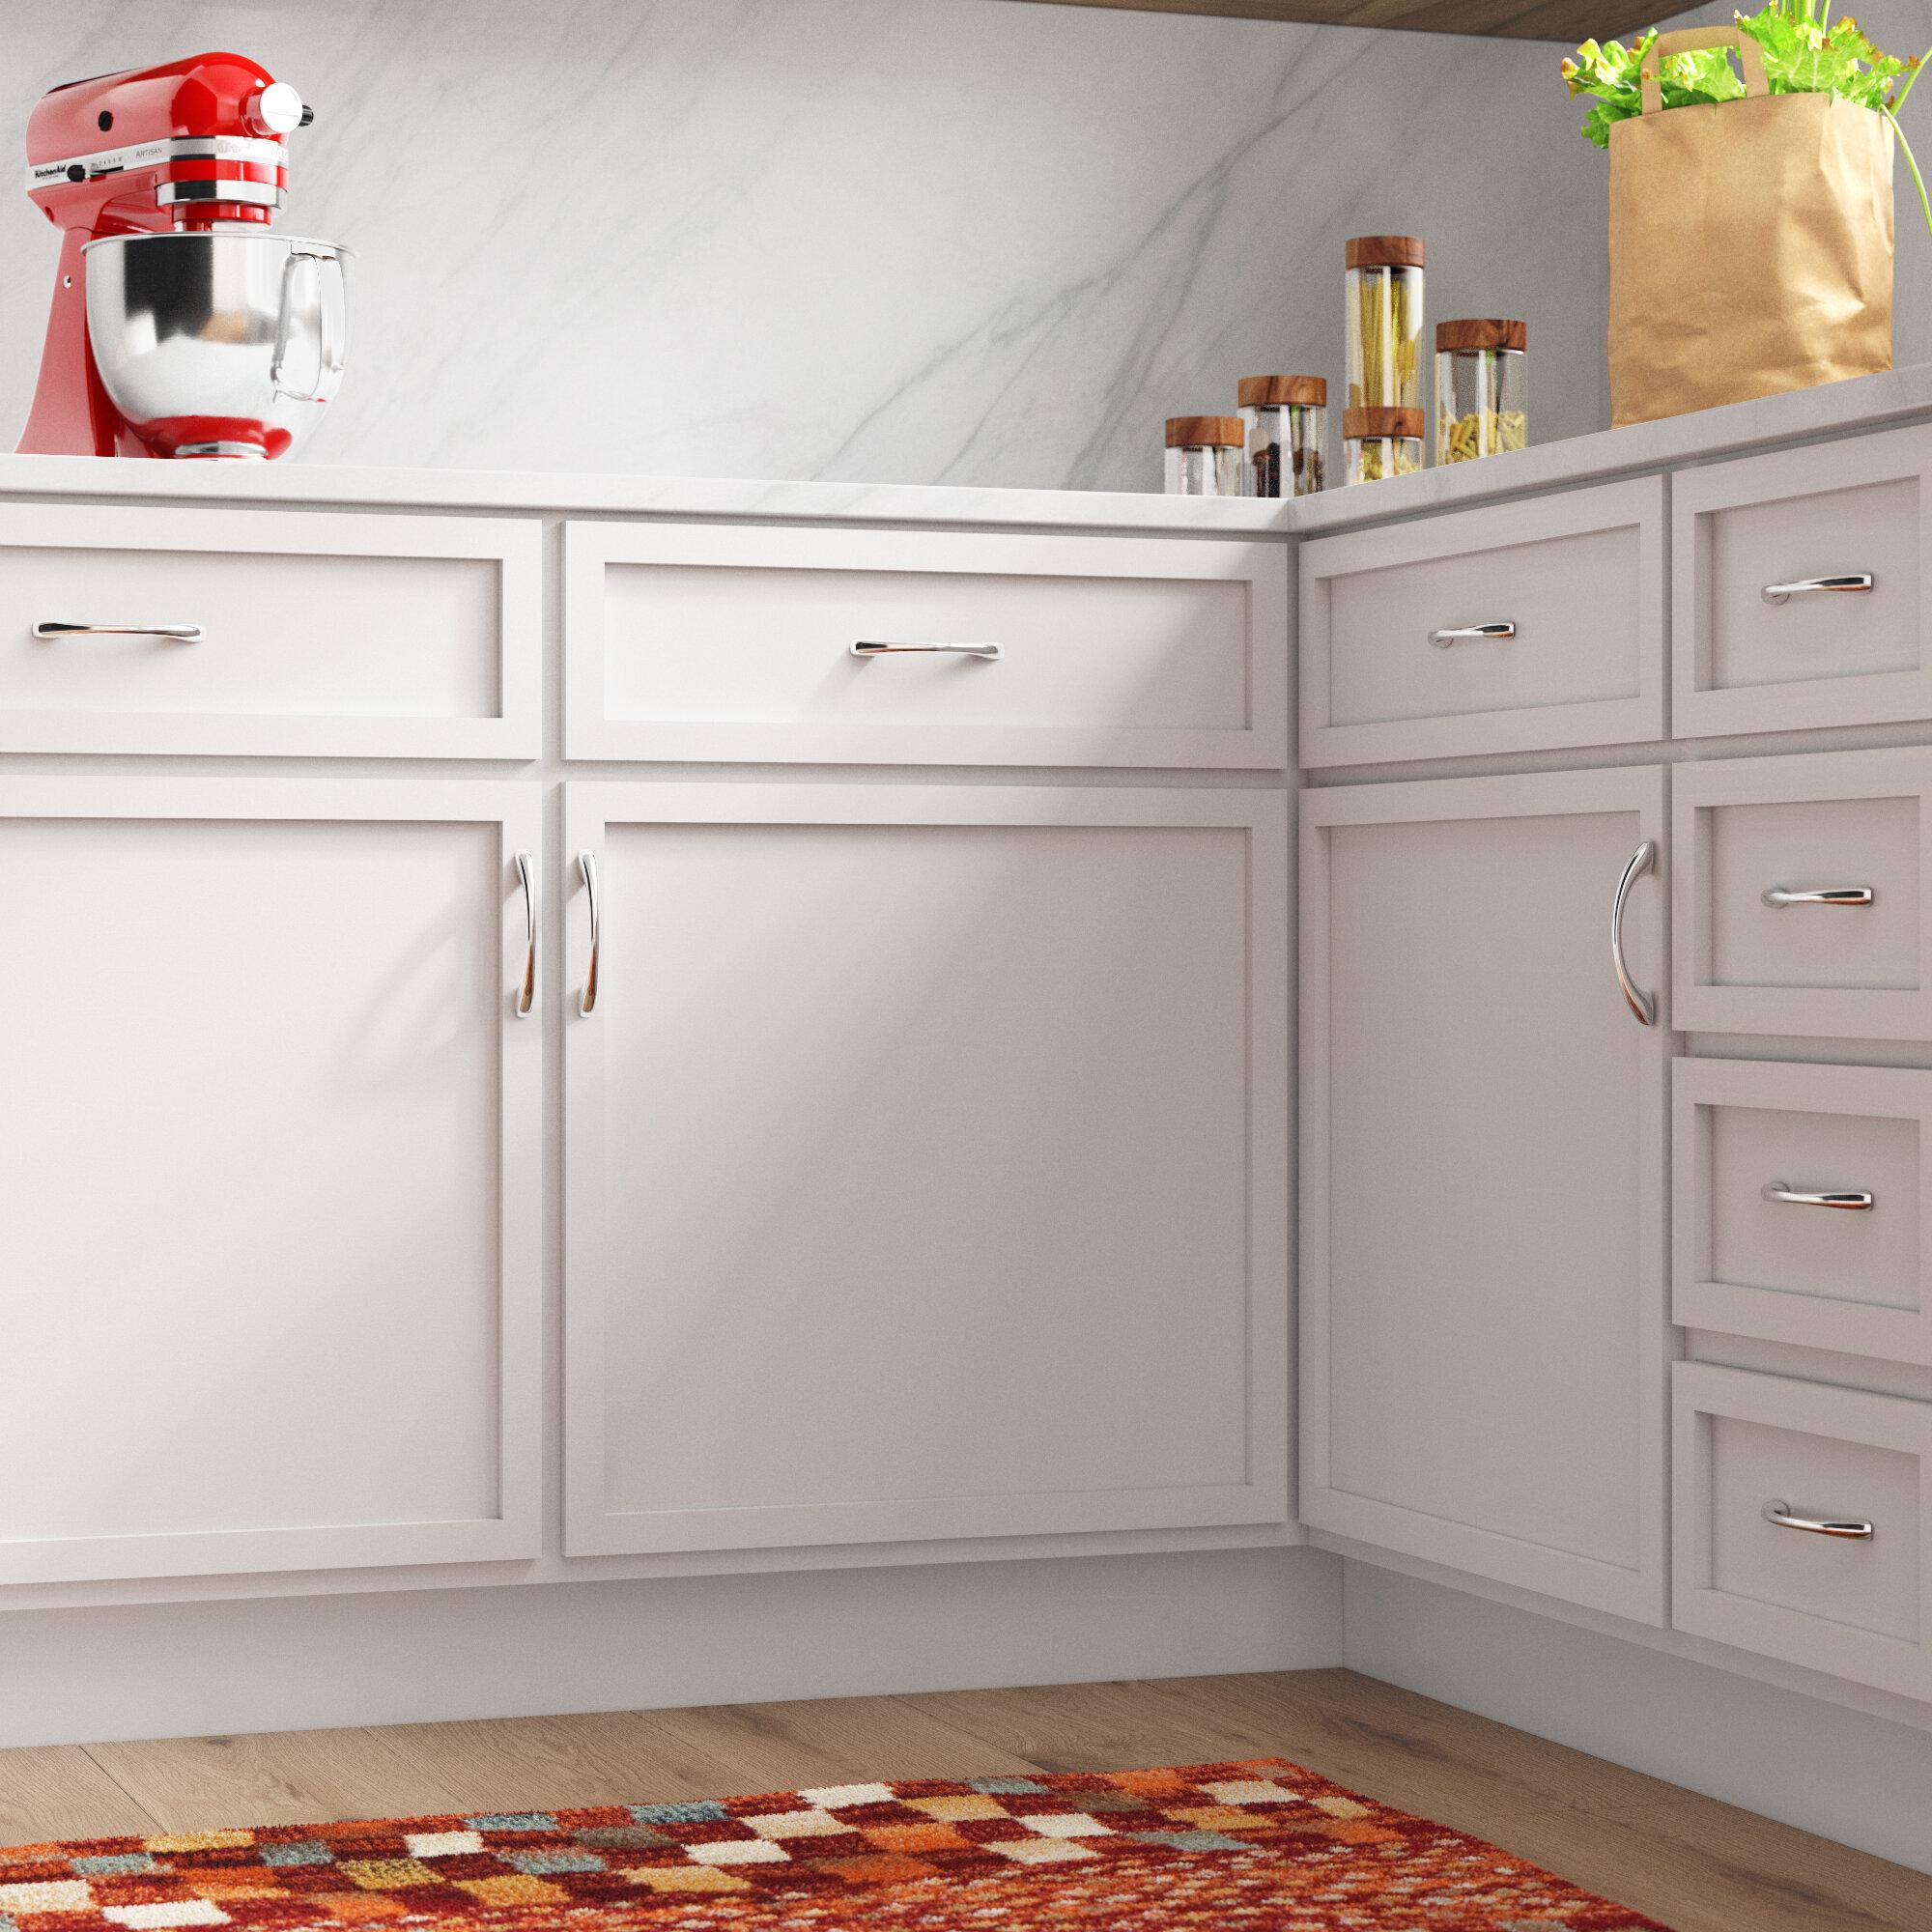 Wayfair Basics Cabinet 3 3 4 Center To Center Arch Pull Reviews Wayfair